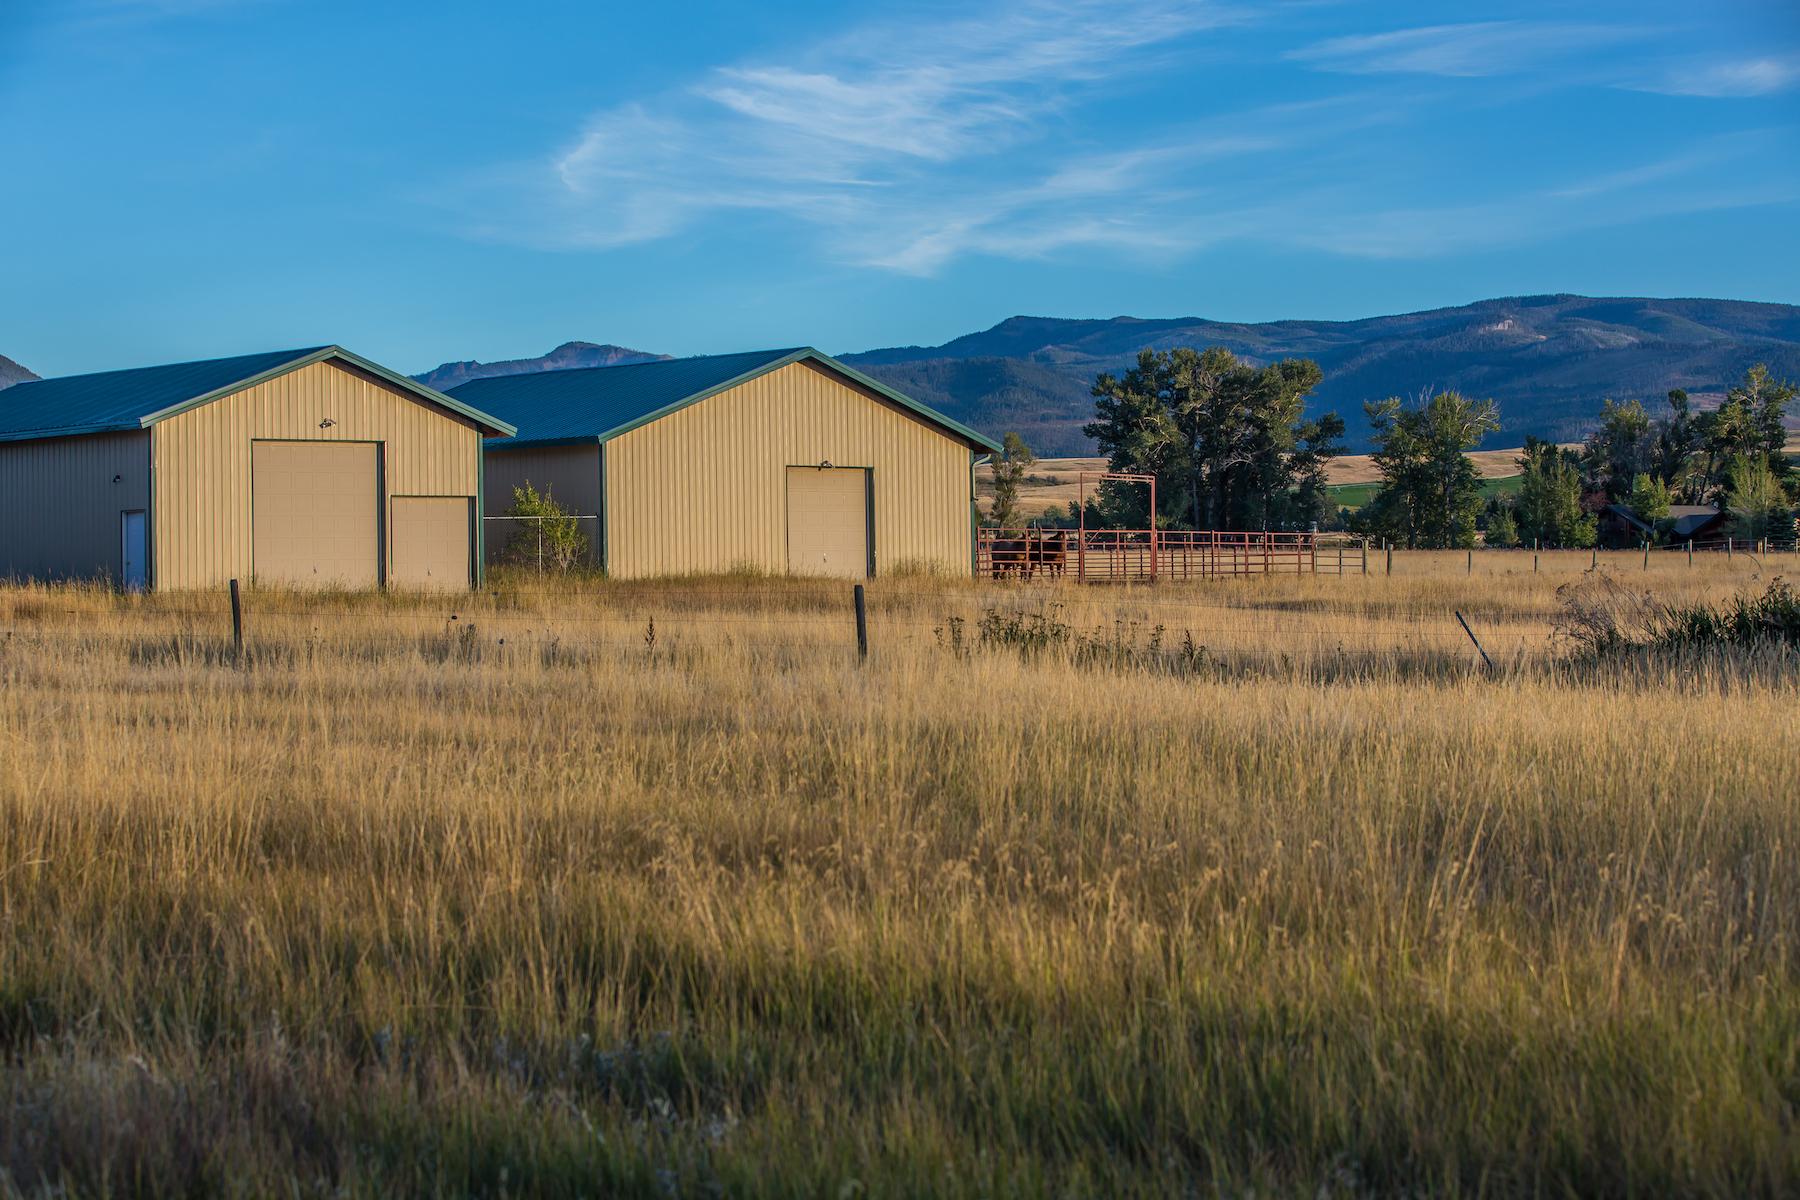 土地 為 出售 在 20 Acres on Cottonwood Creek Bushnell Road, Parcel 5 Gallatin Gateway, 蒙大拿州, 59730 美國